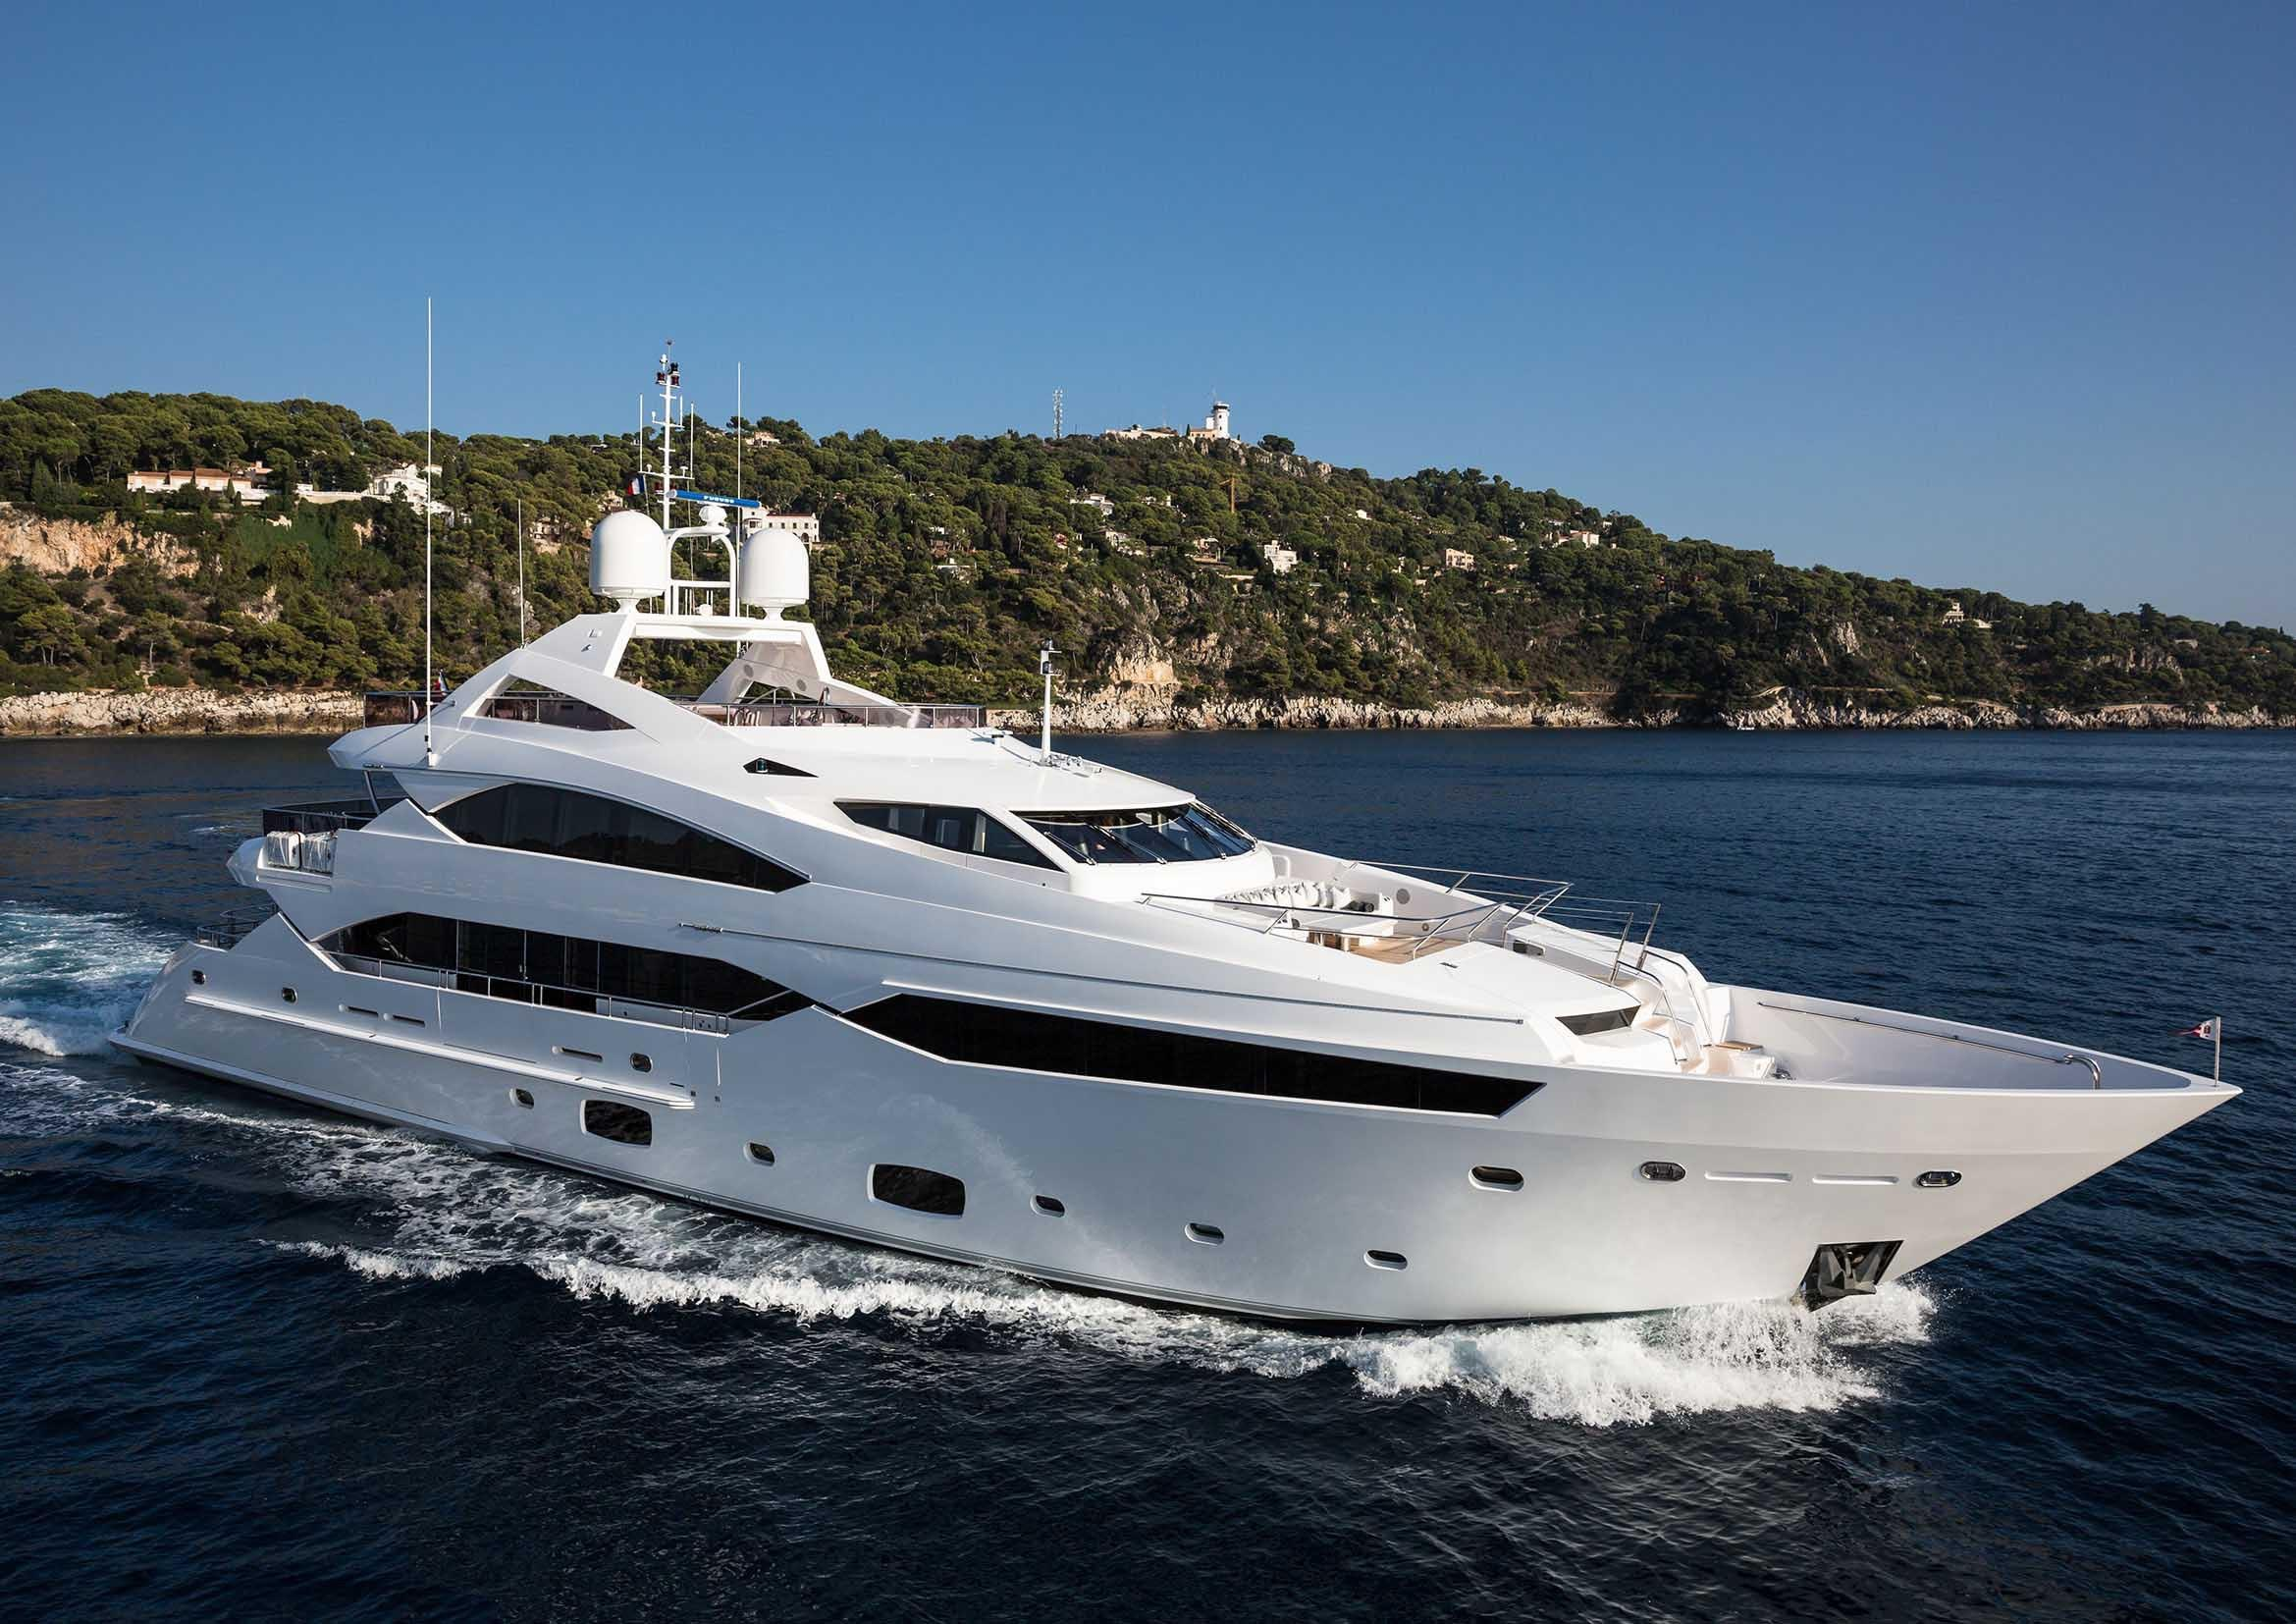 2014 Sunseeker 40 Metre Yacht Power Boat For Sale Www